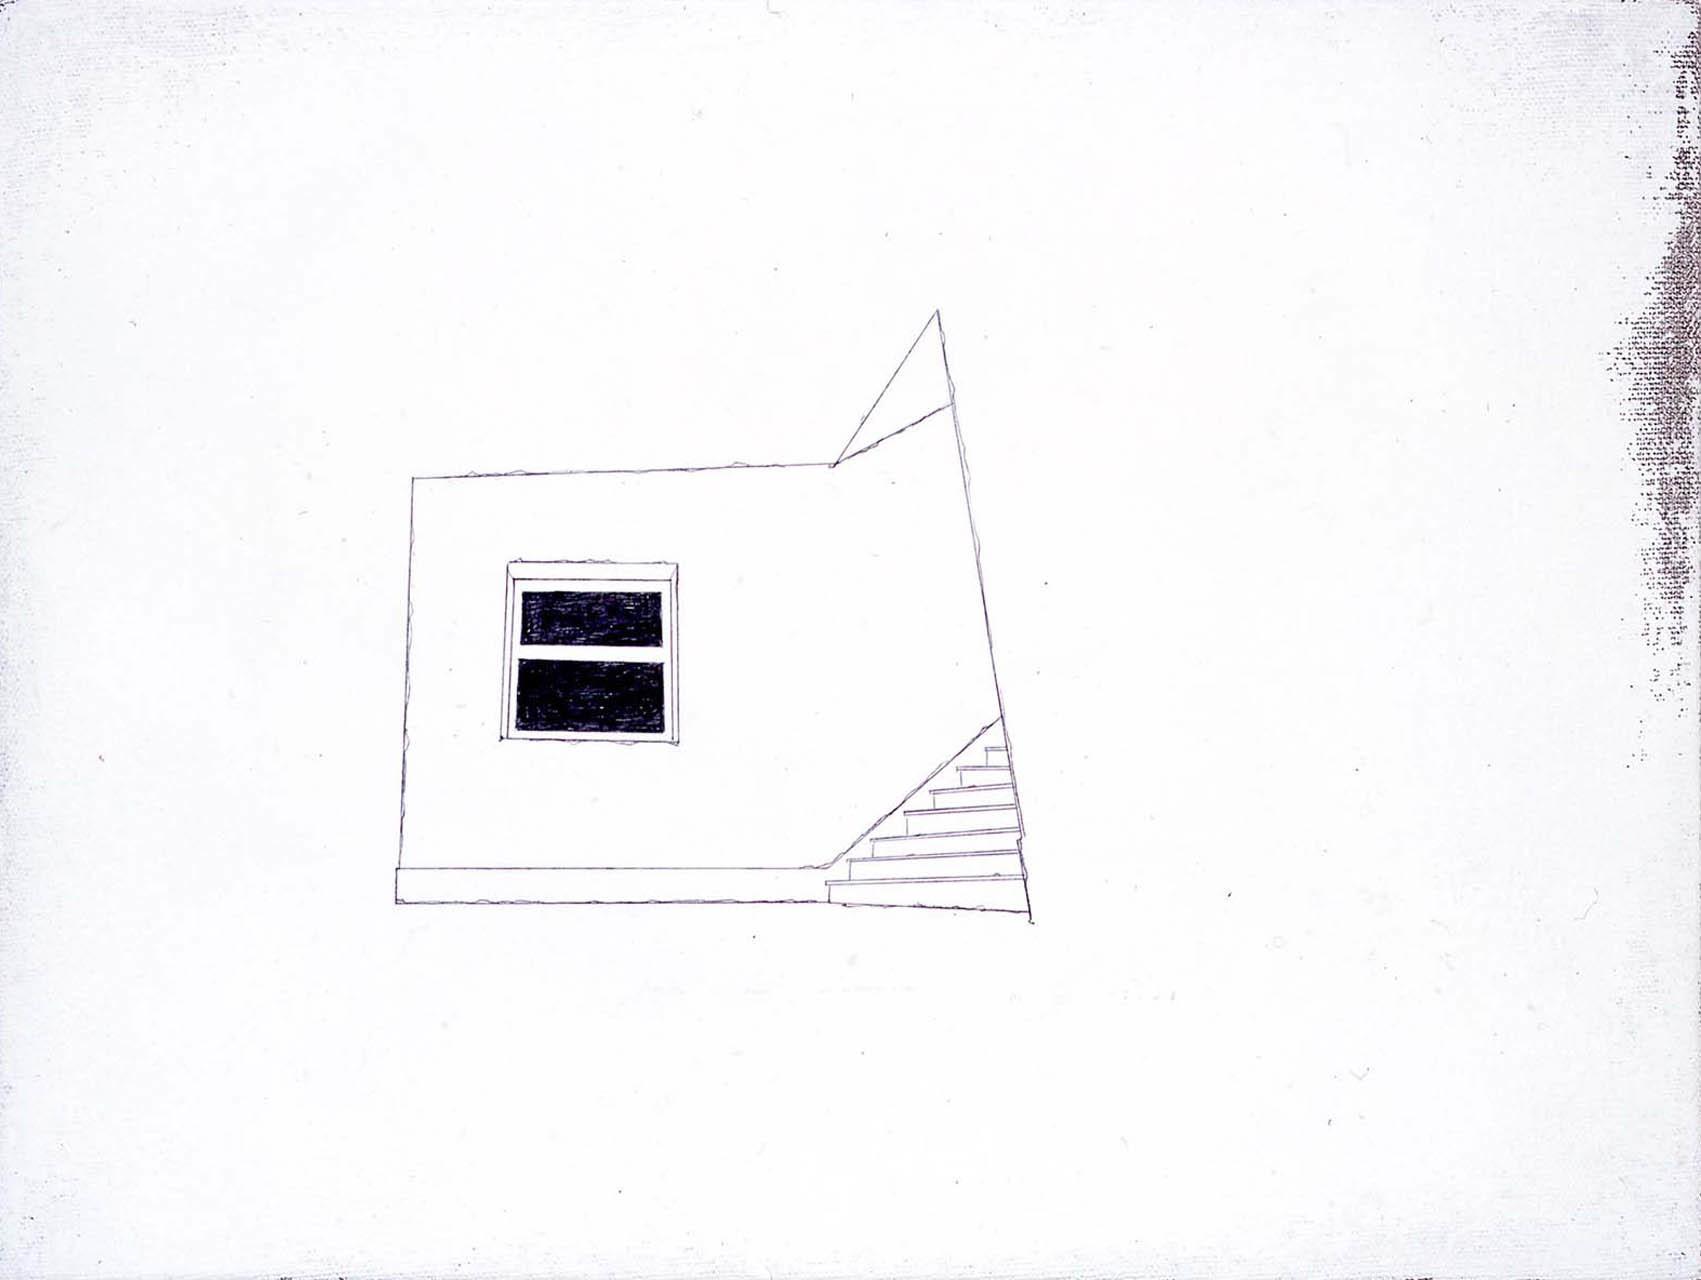 """<div class=""""artwork_caption""""><p>Tuesday December 6, 2005</p></div>"""